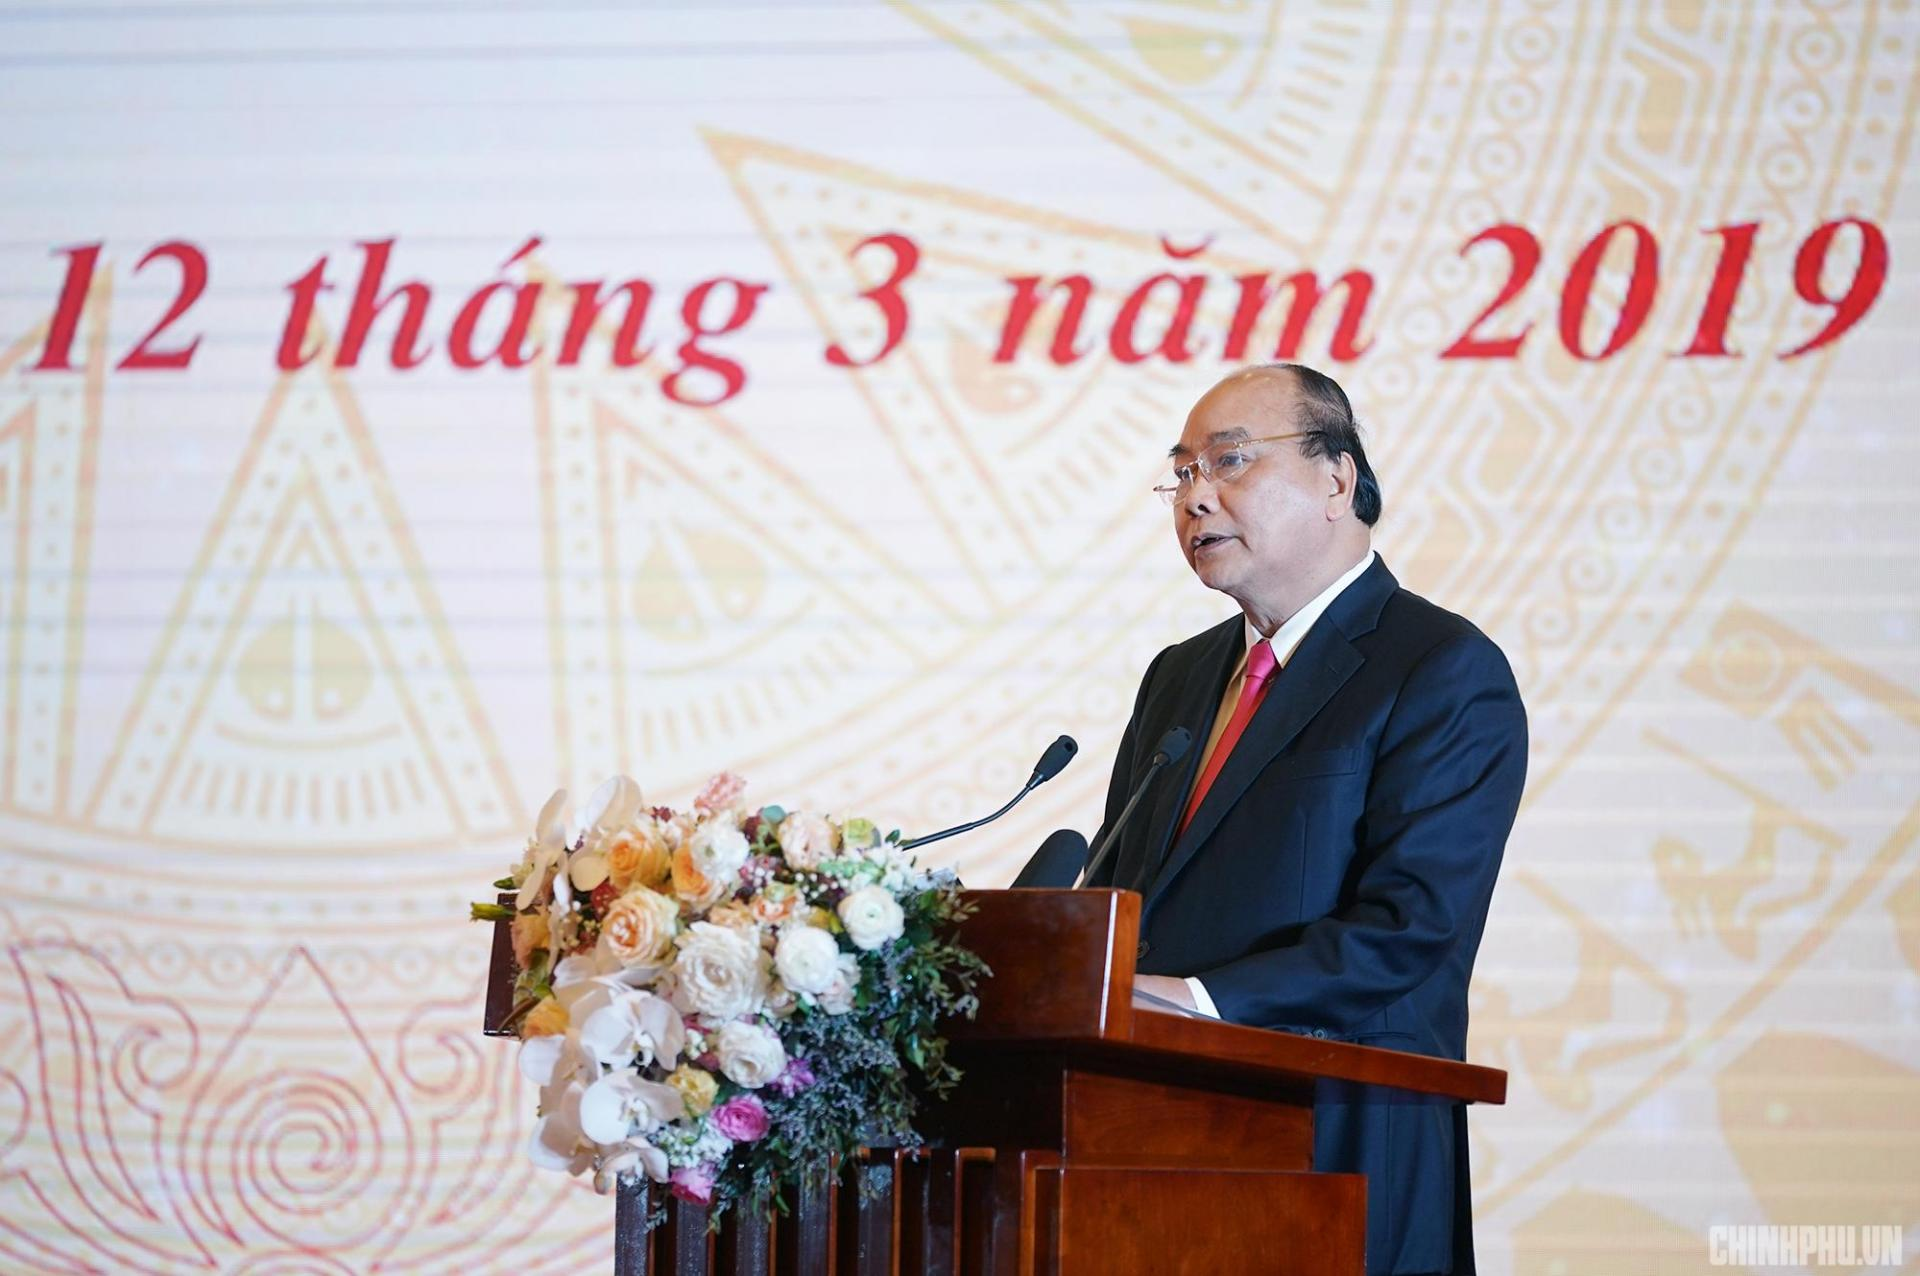 Thủ tướng Chính phủ Nguyễn Xuân Phúc phát biểu tại Lễ khai trương Trục liên thông văn bản quốc gia. Ảnh VGP/Quang Hiếu